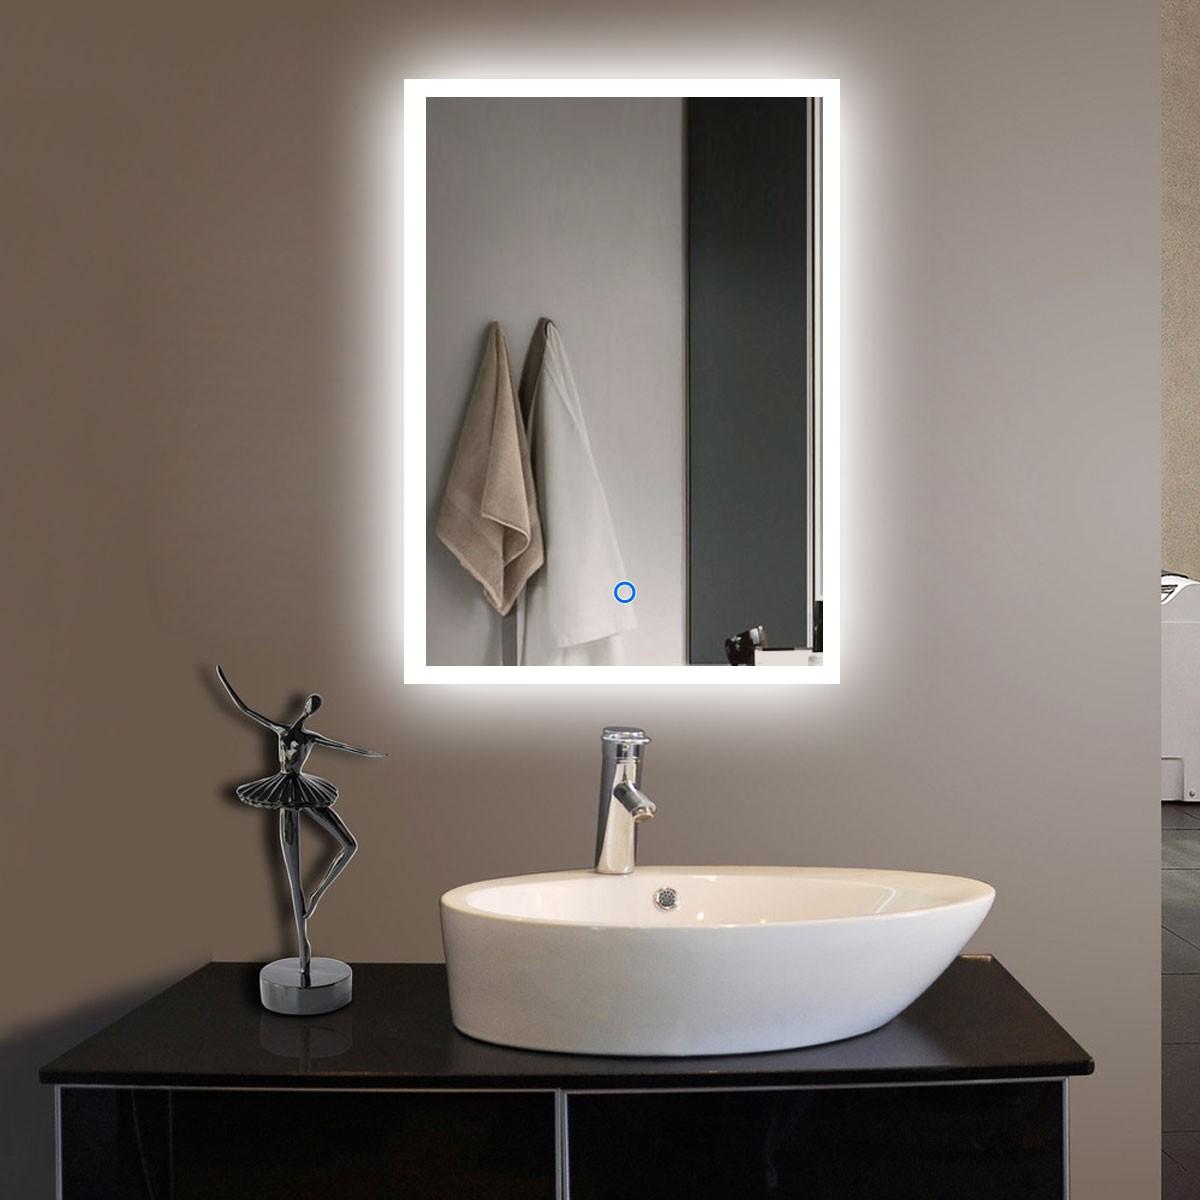 Miroir Sympa Salle De Bain ~ 20 x 28 po miroir led salle de bain vertical avec l interrupteur